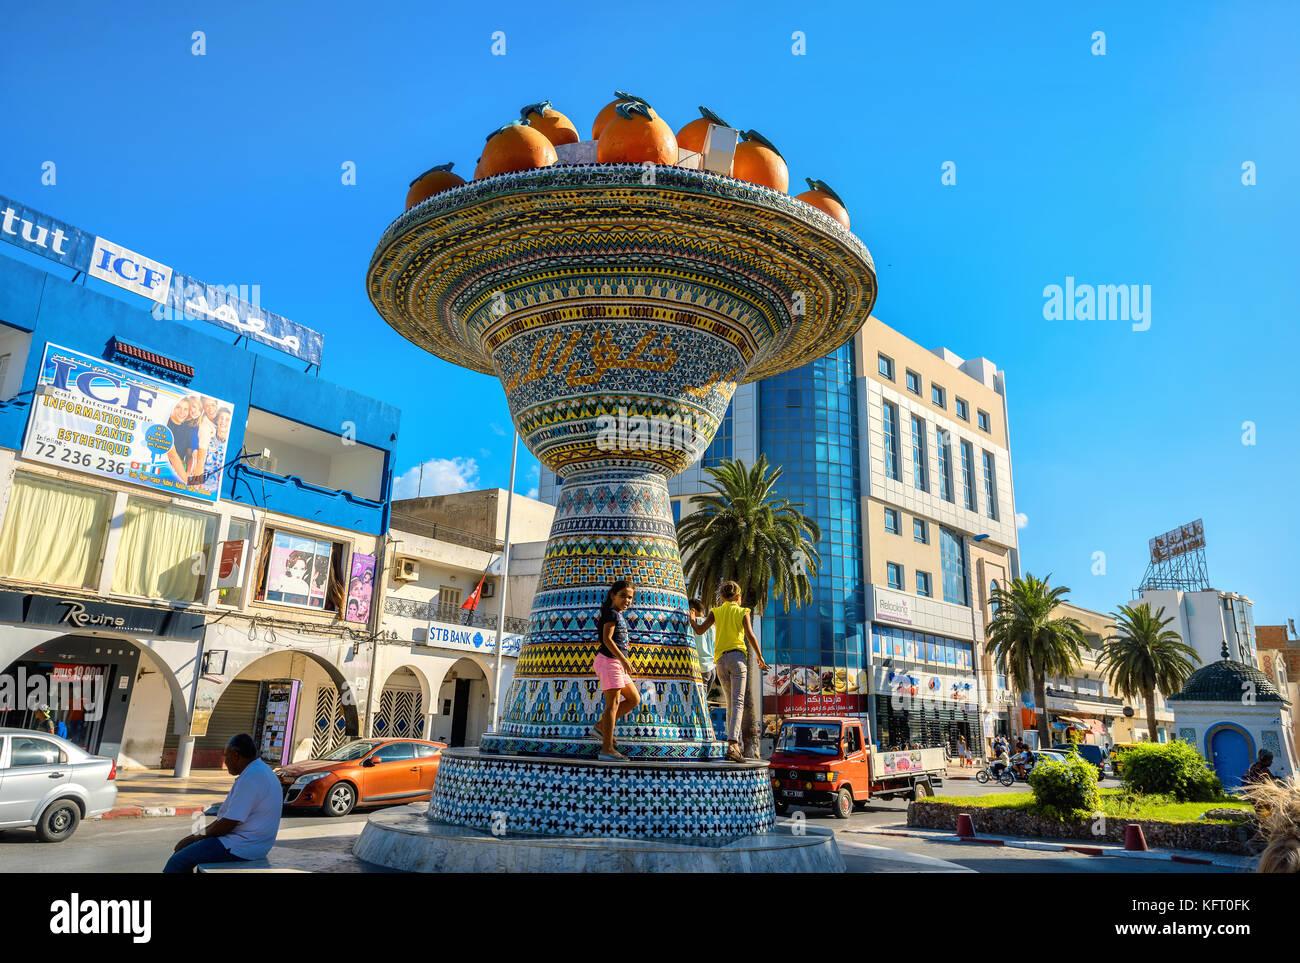 Cityscape with Ceramic Sculpture sur route en centre-ville. nabeul, Tunisie, Afrique du Nord Photo Stock